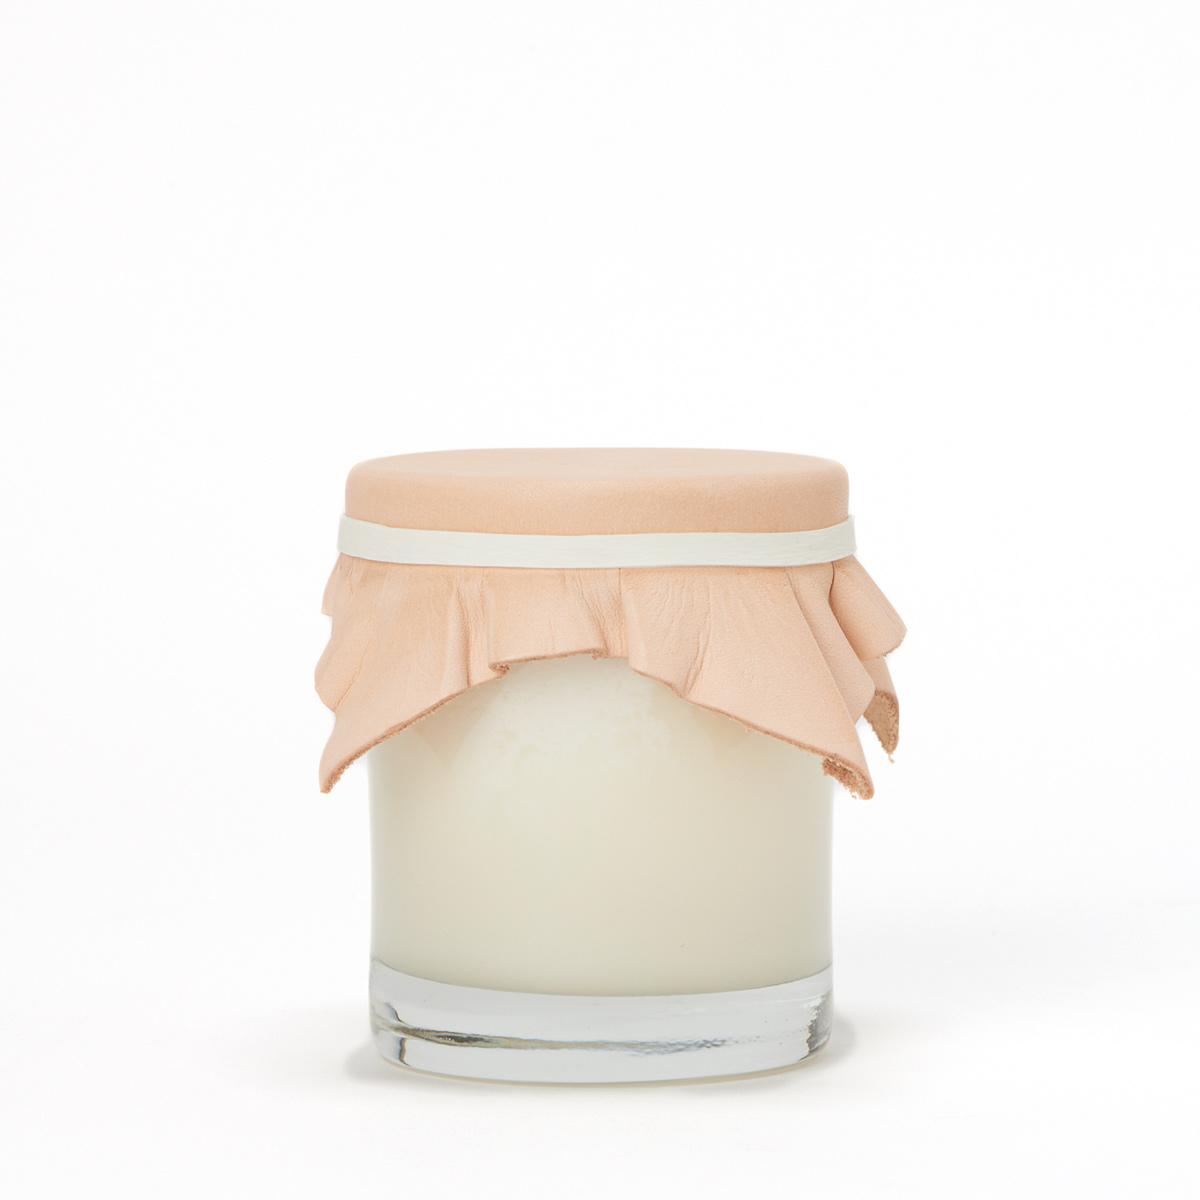 Hender Scheme / candle 180g (Salvia)